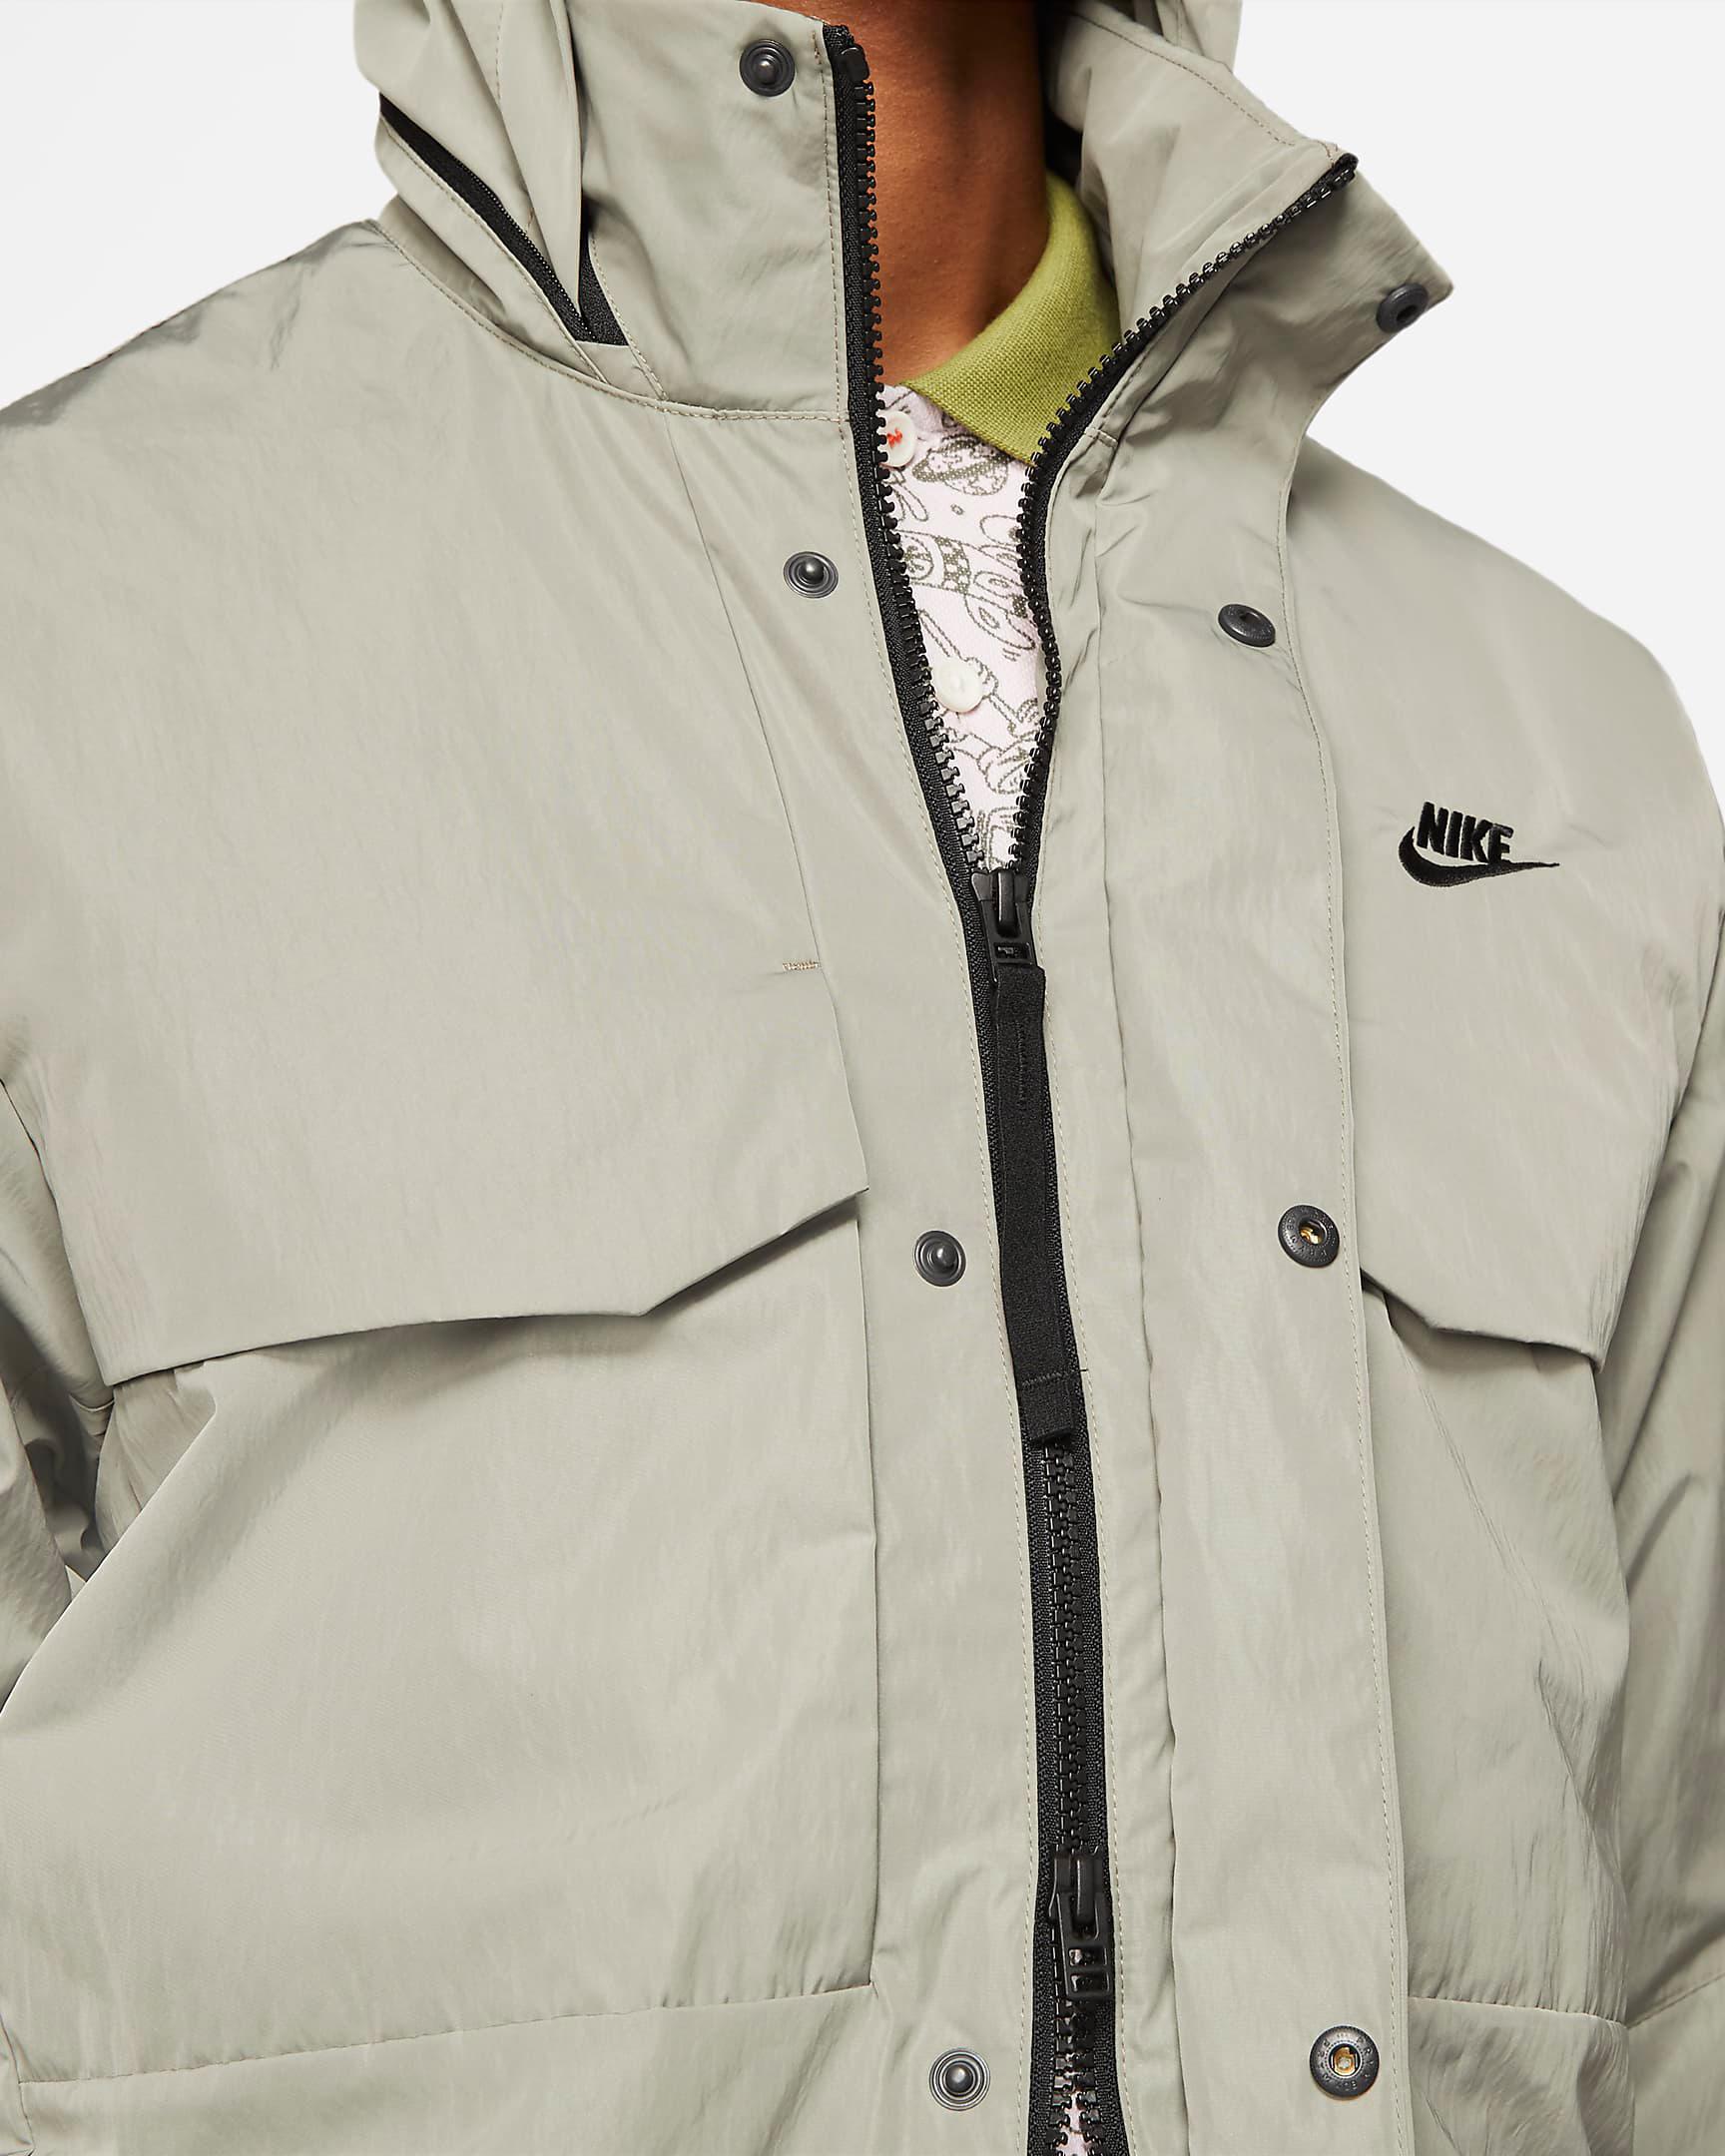 air-jordan-1-high-patina-light-army-jacket-4